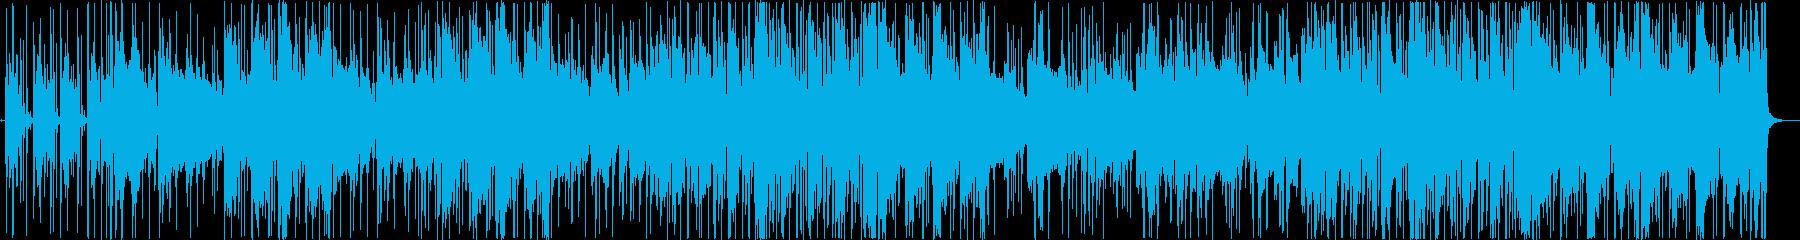 自身溢れるサックスジャズの再生済みの波形